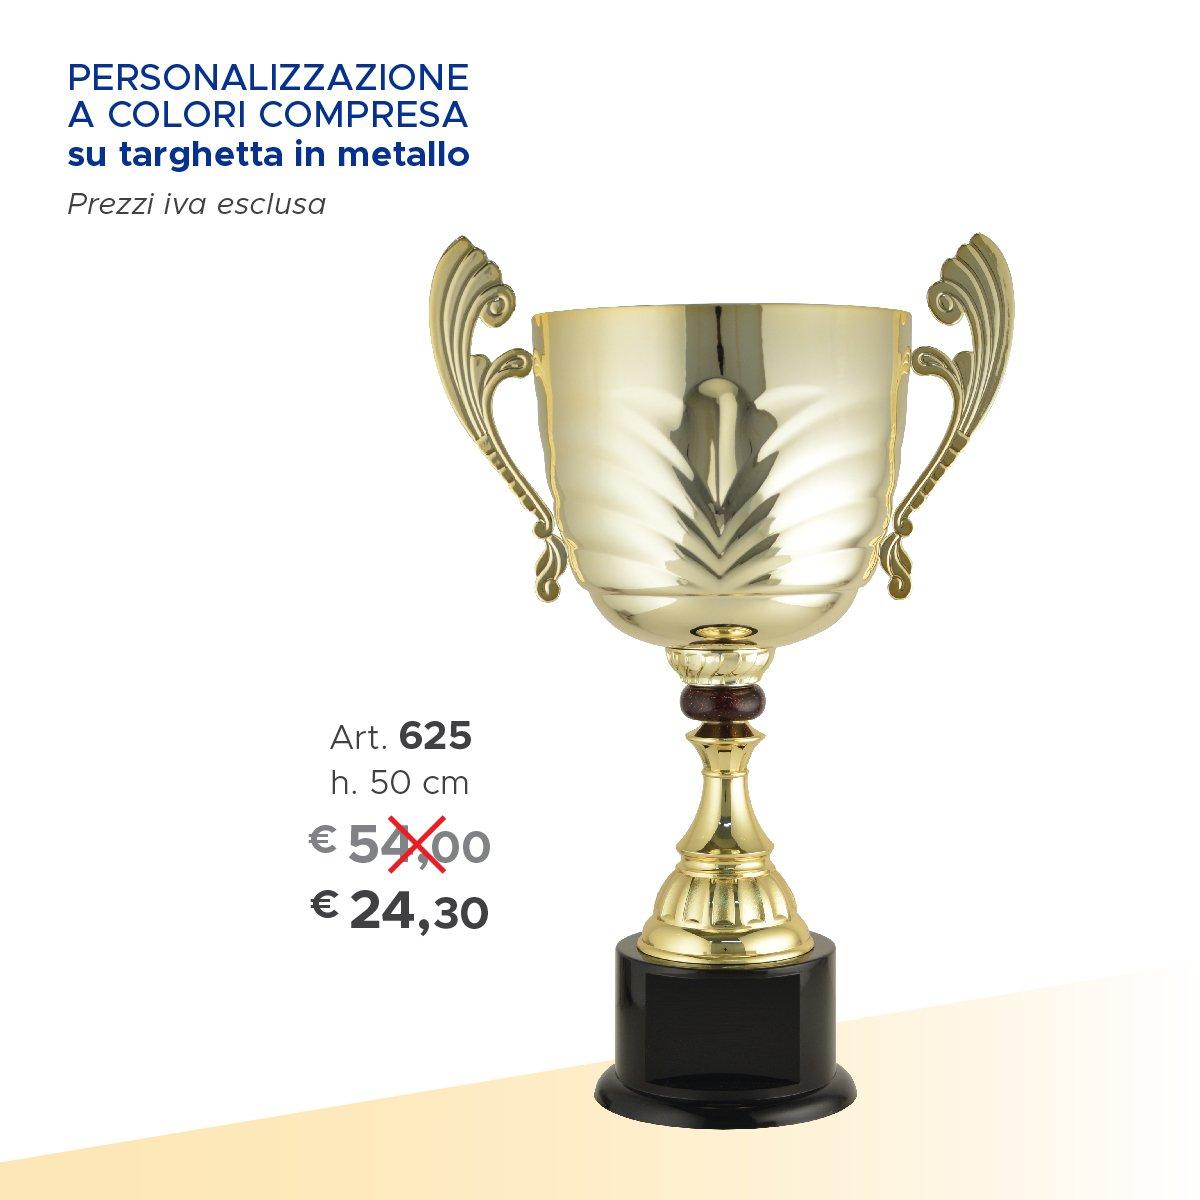 una coppa argentata e la scritta personalizzazione a colori compresa su targhetta in metallo con dei prezzi scritti